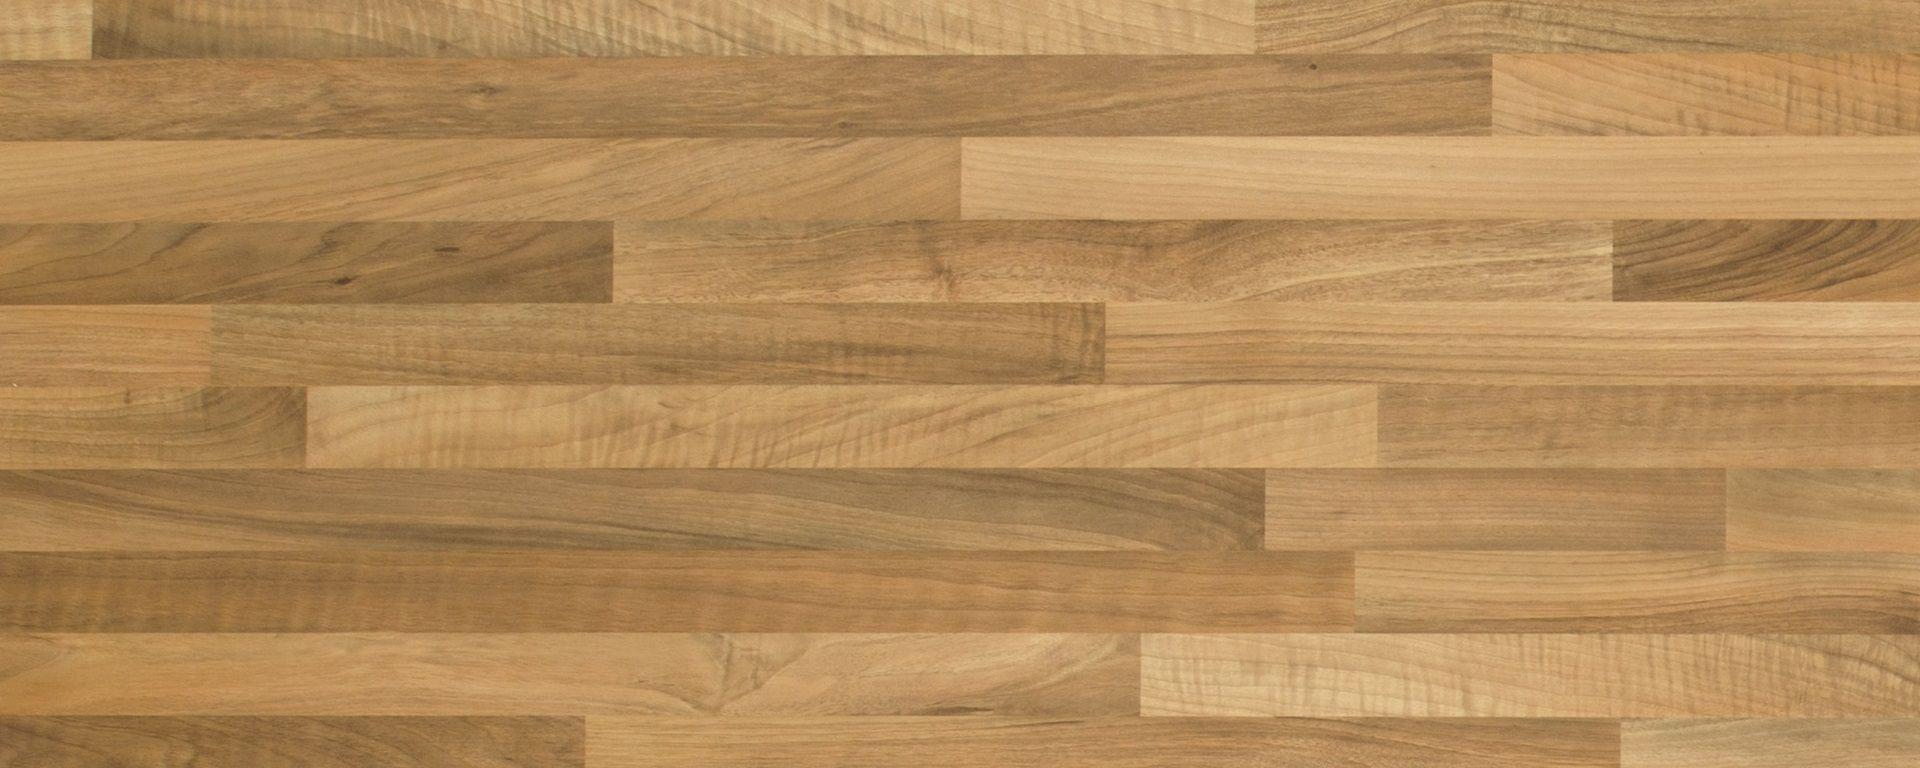 Image Result For Butcher Block Texture Wood Laminate Worktop Walnut Butcher Block